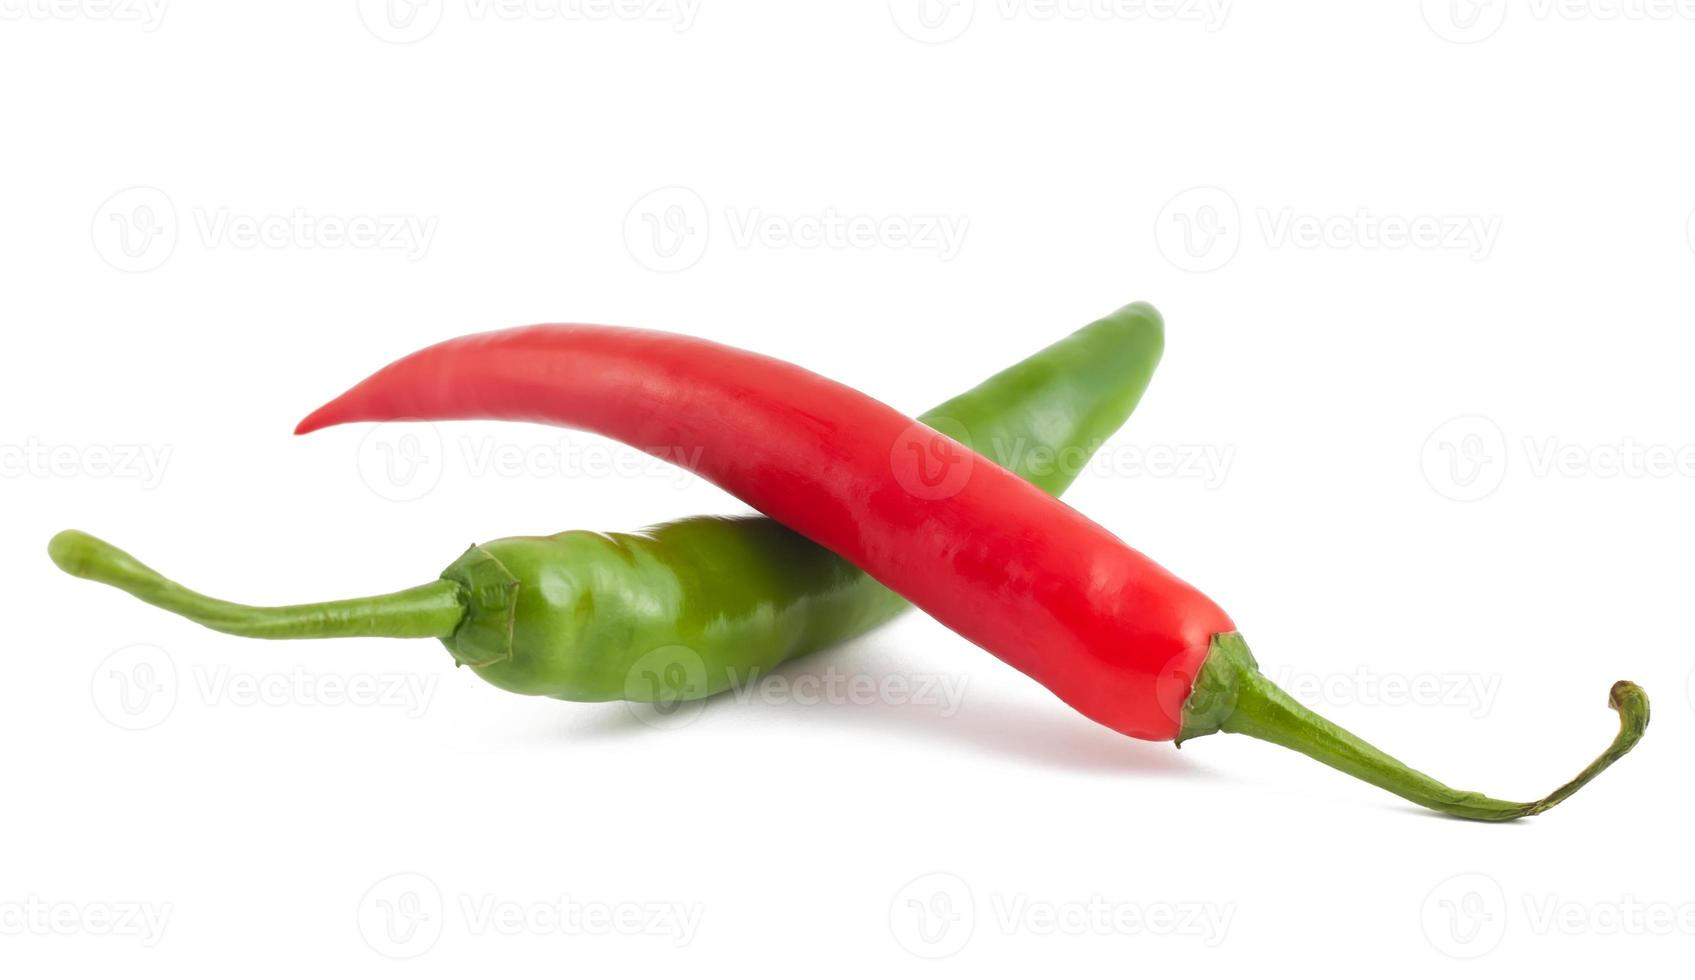 pimentão vermelho e verde no branco foto